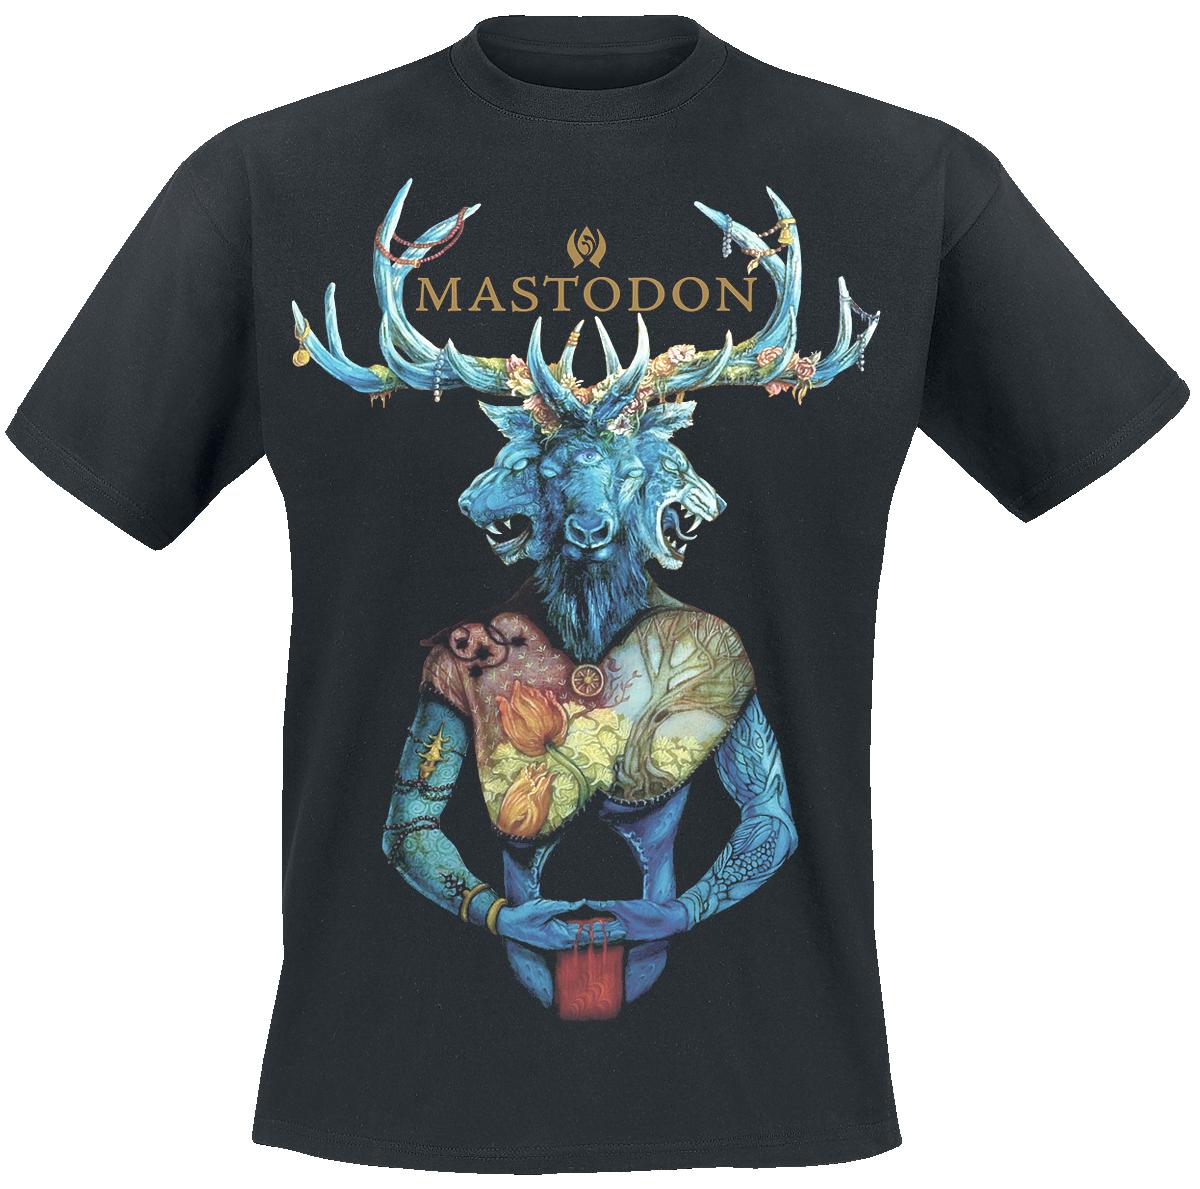 Mastodon - Blood mountain - T-Shirt - black image